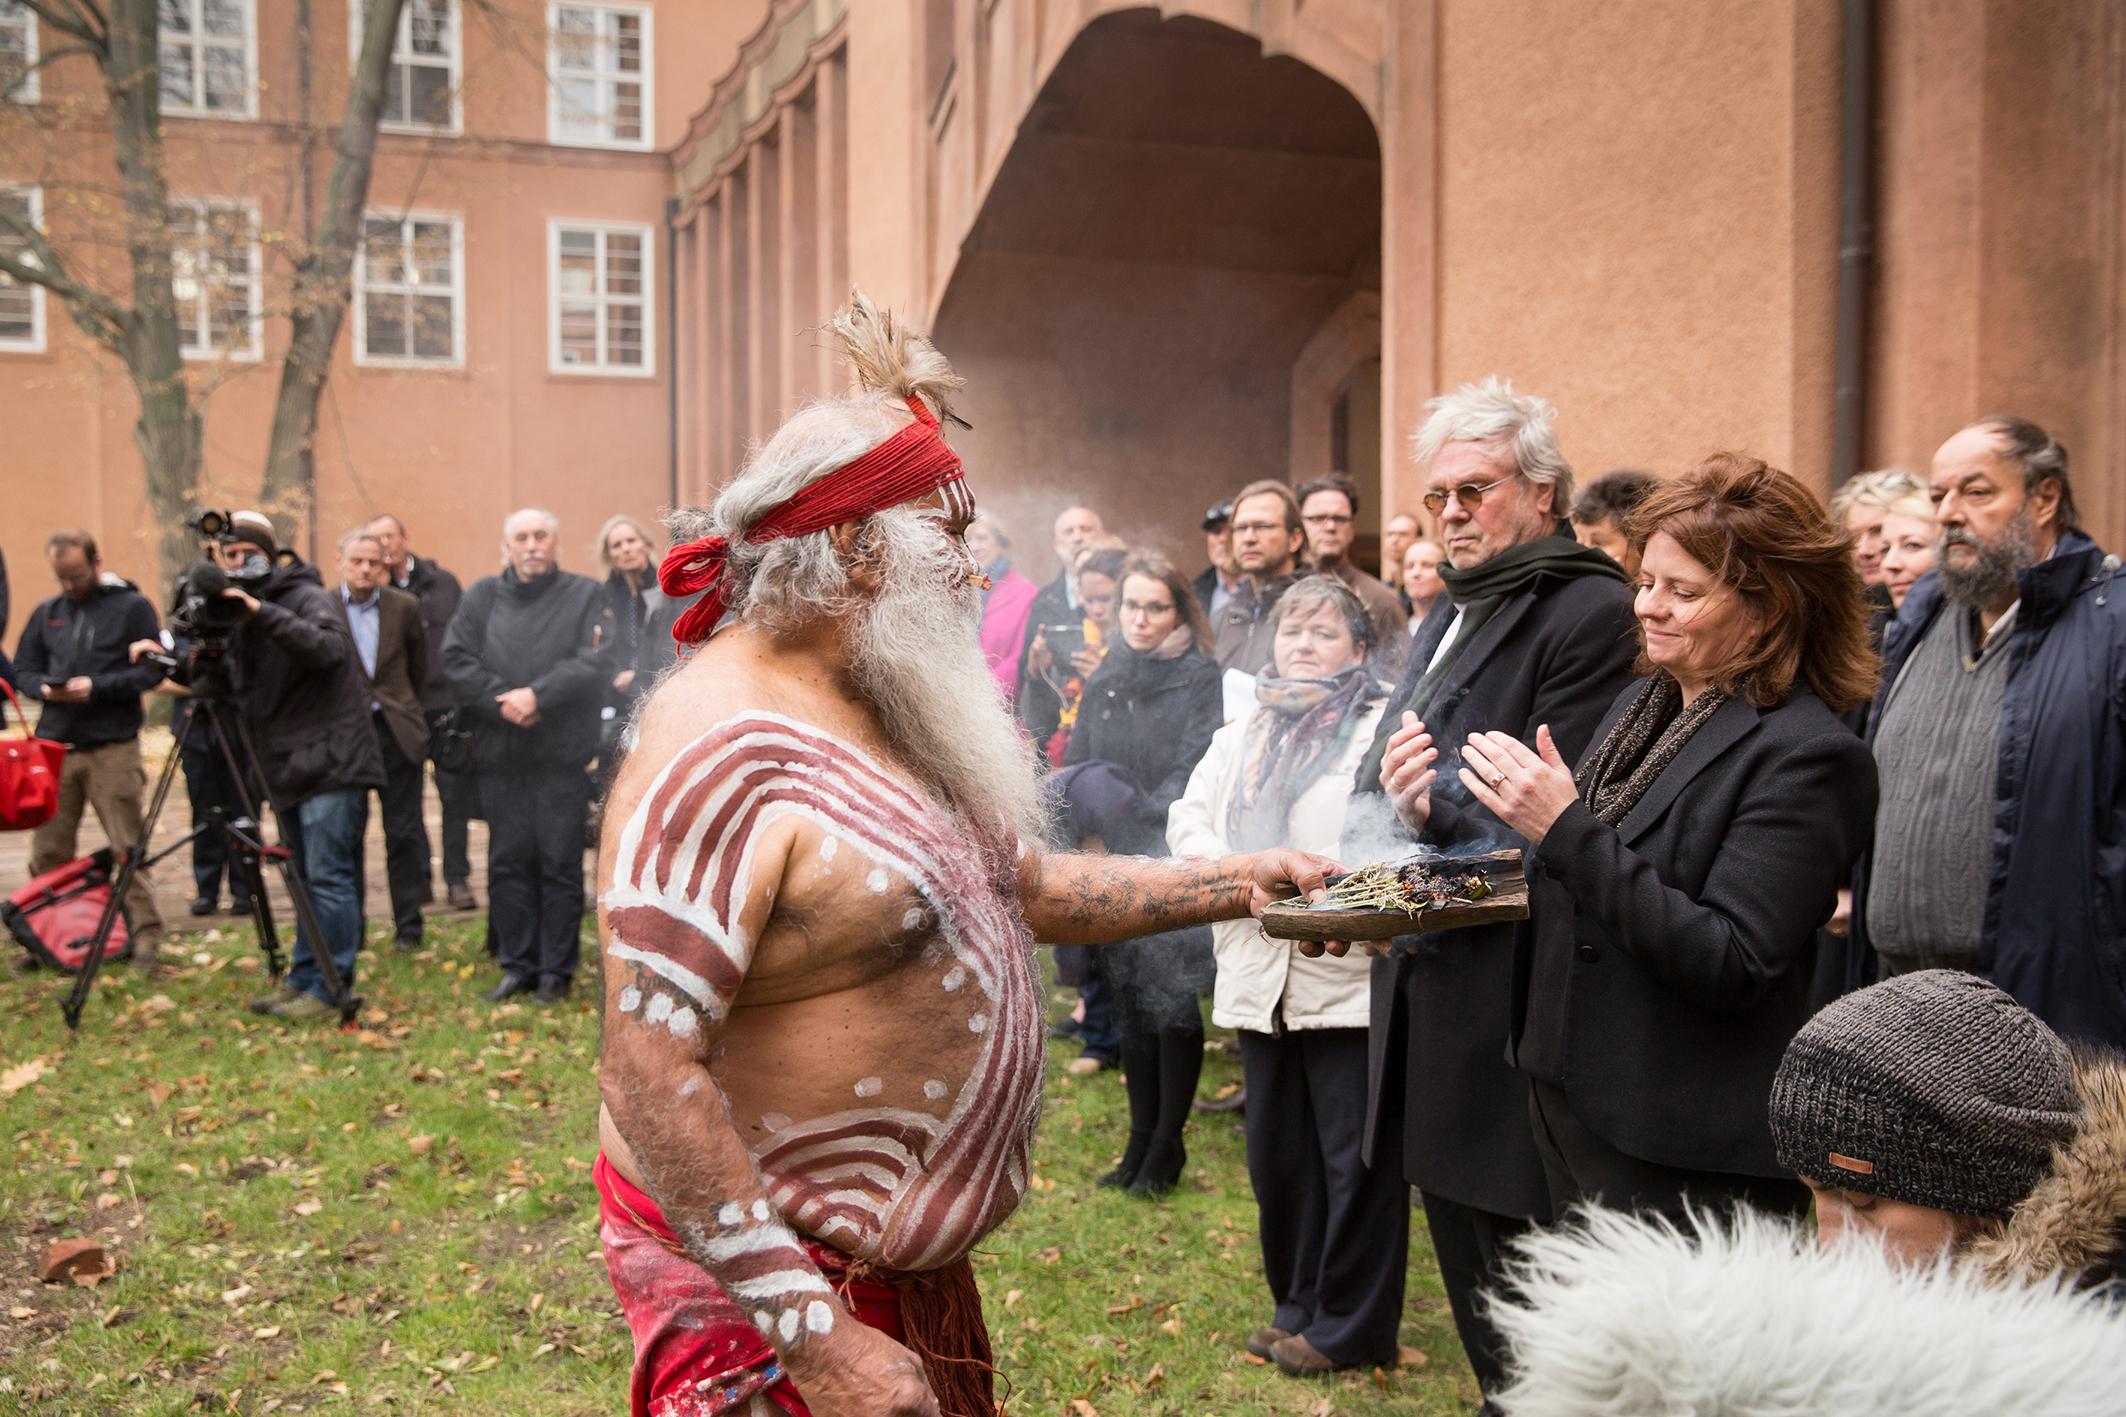 Ein Mitglied einer australischen Community steht mit rot-weiß bemaltem Oberkörper und langem, weißem Bart vor Grassi Museumsdirektorin Leontine Meijer-van Mensch mit einem rauchenden Stück Holz in der Hand. Um sie herum stehen Menschen.